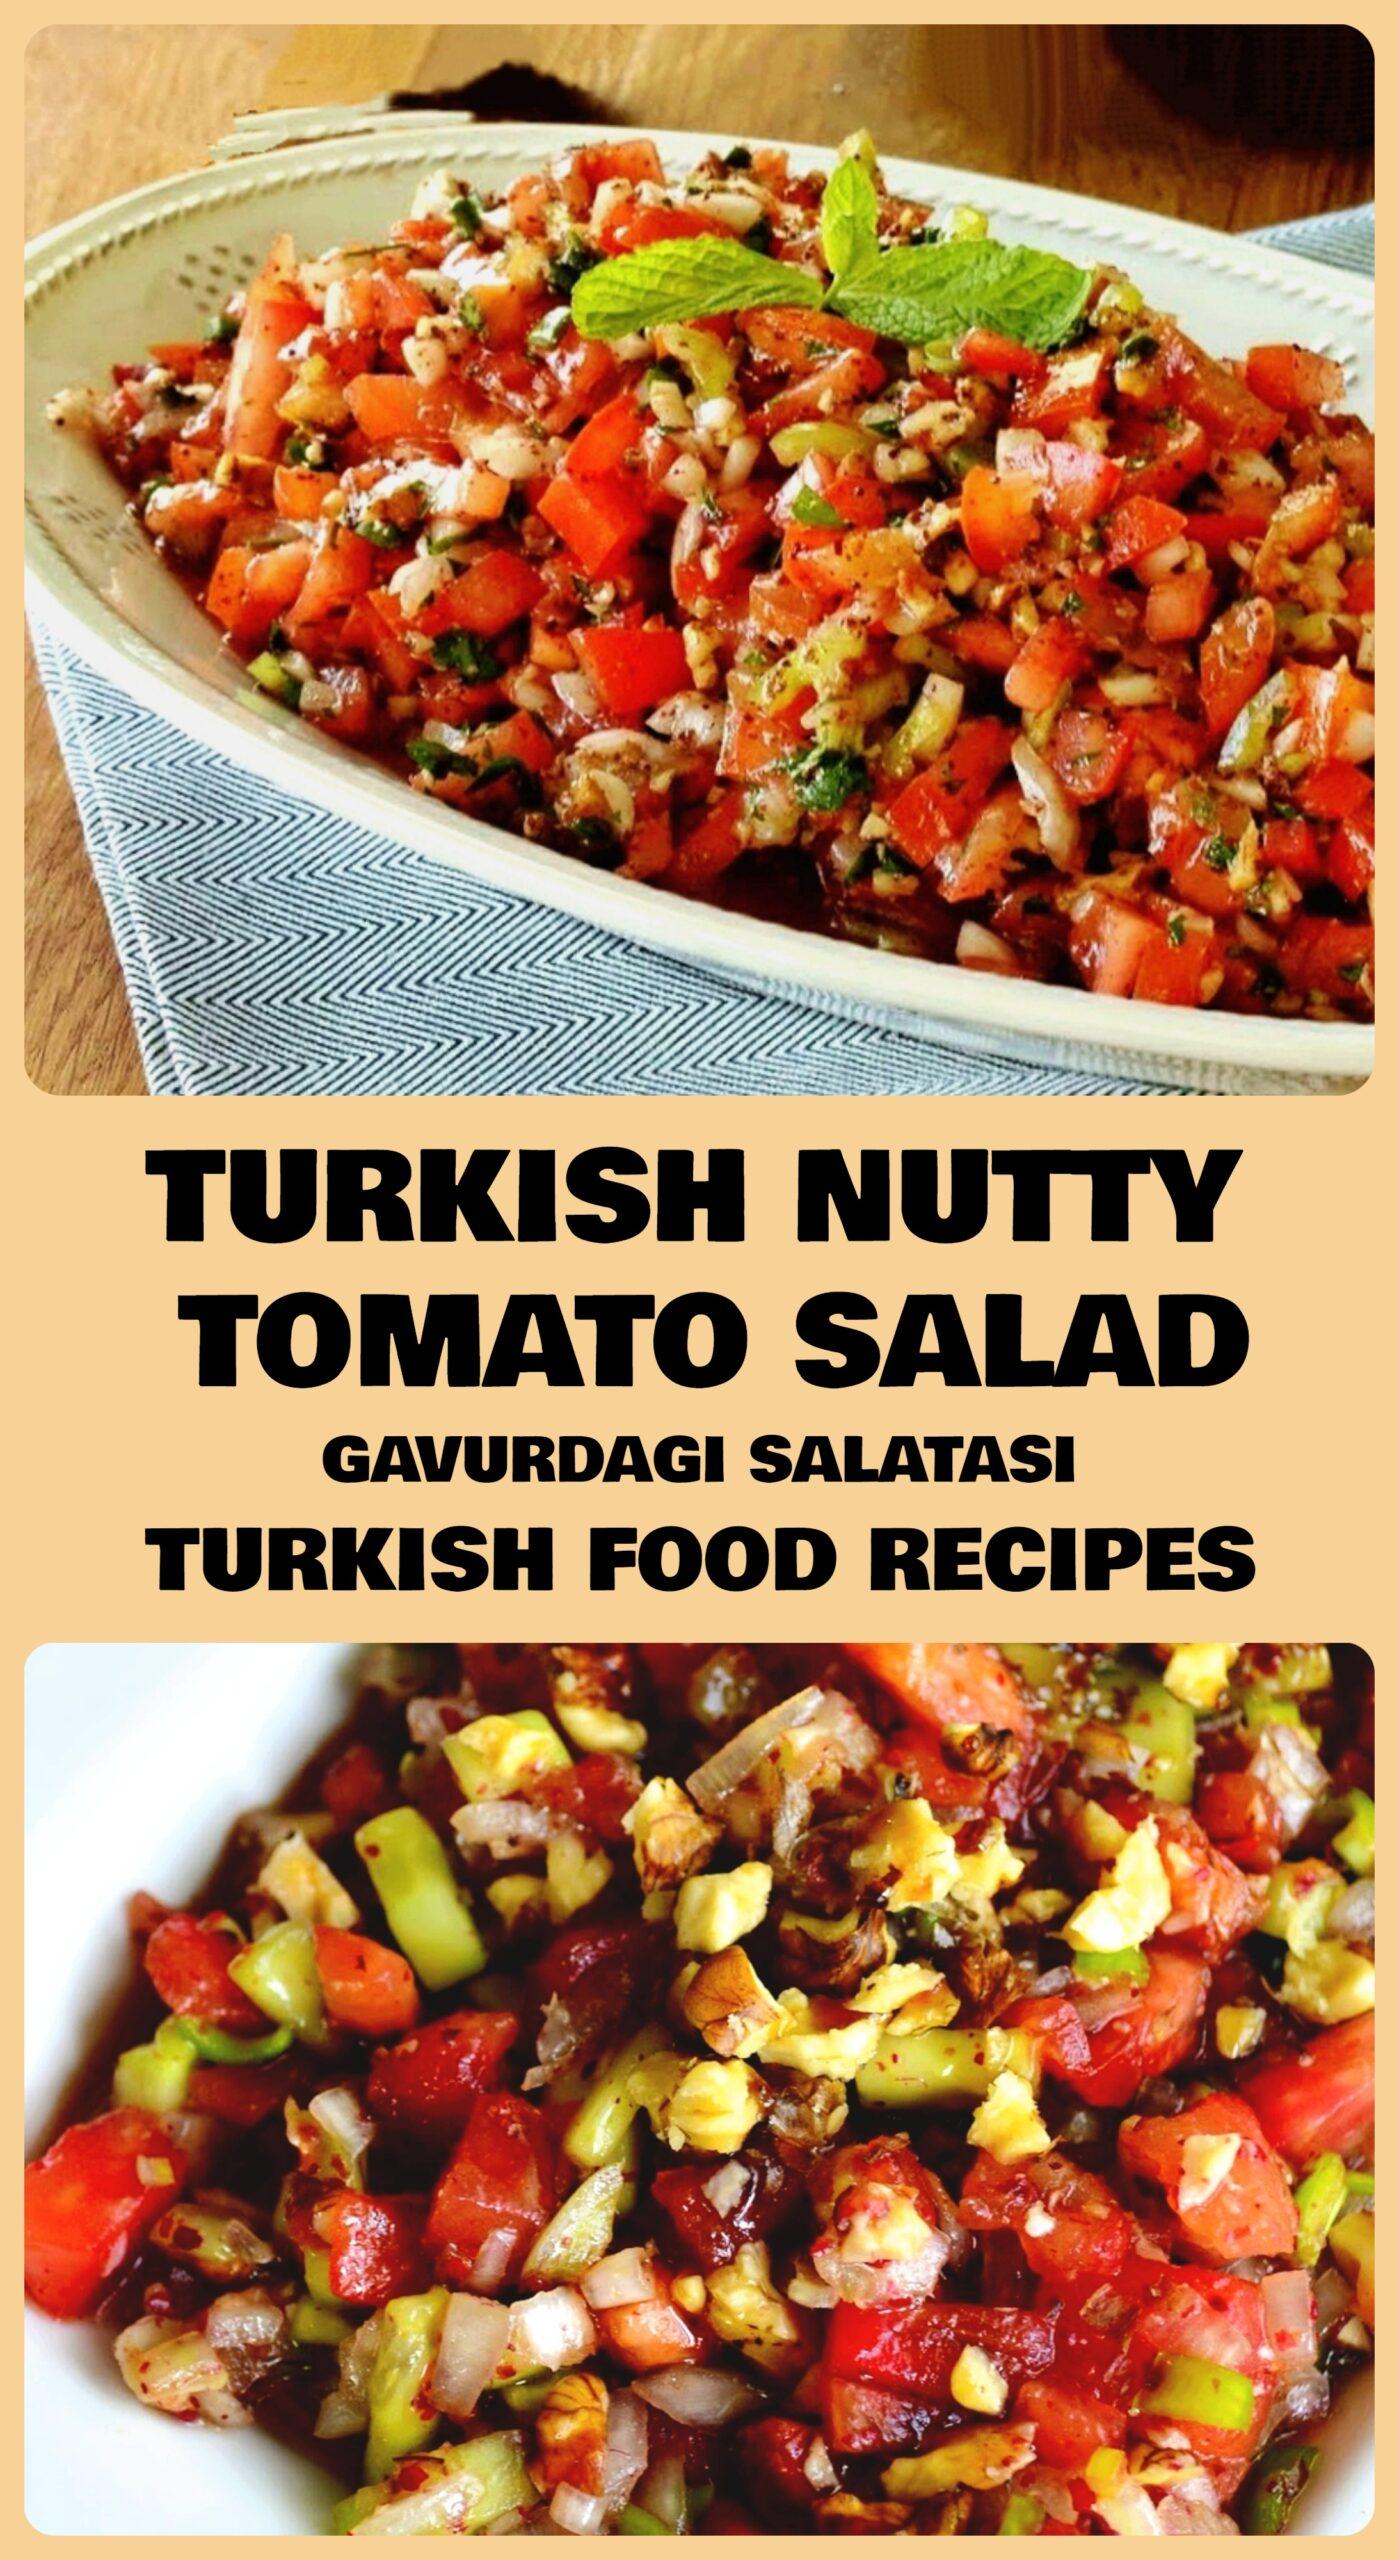 Turkish Nutty Tomato Salad - Gavurdagi Salatasi Recipe